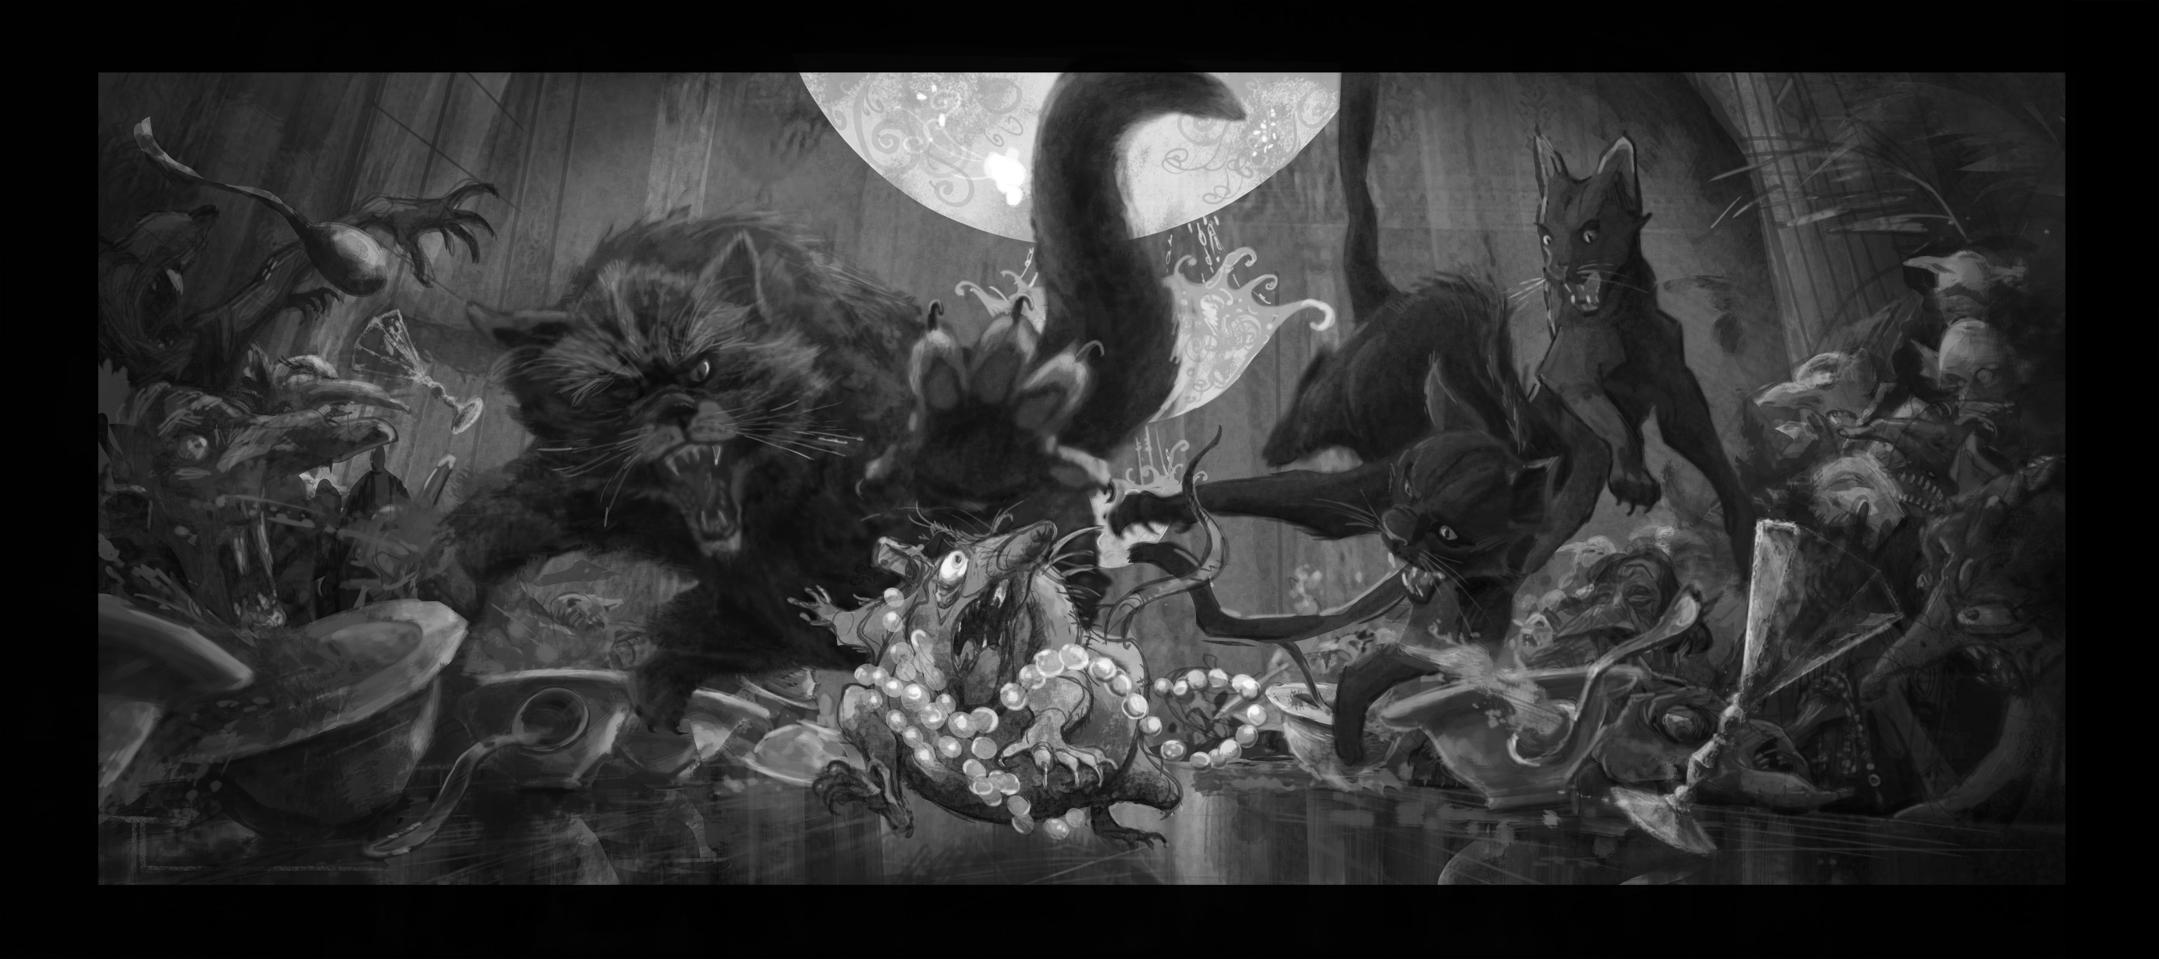 Witches-catVrat-TonyLovett